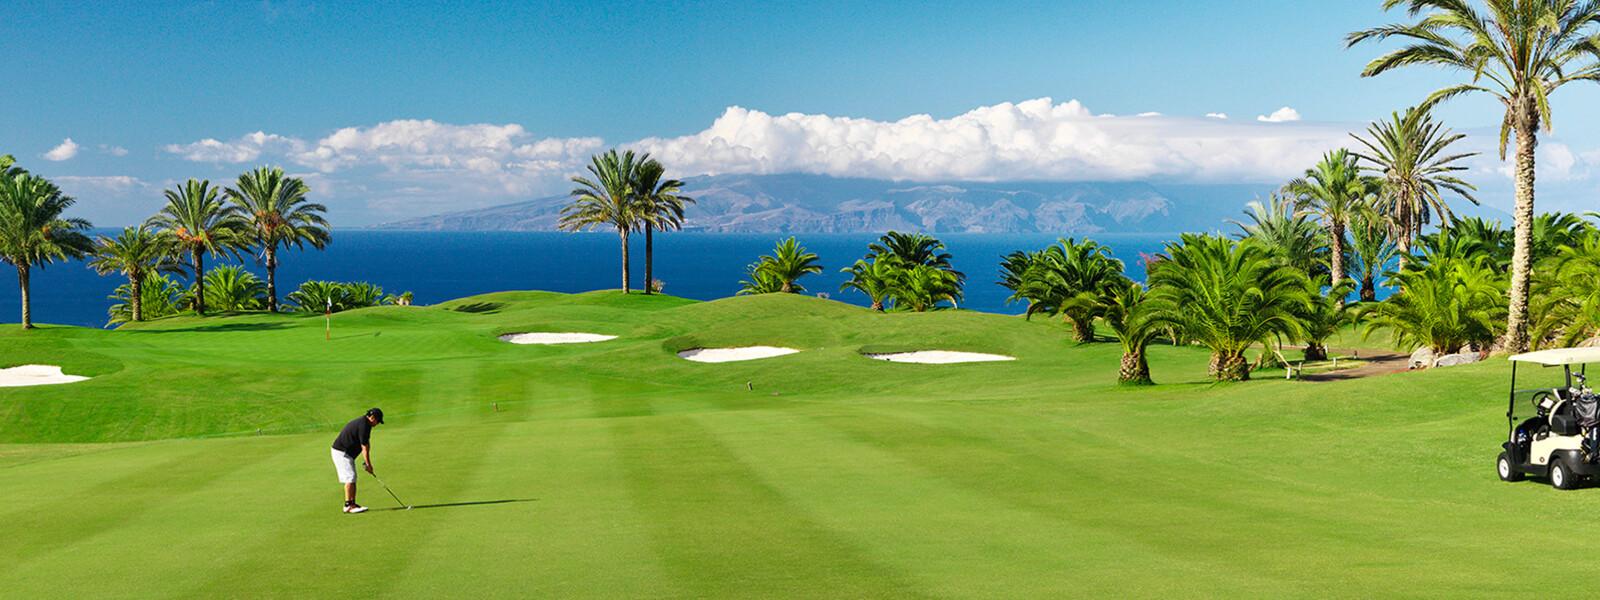 Golf Pro Tipp der Woche  # 5 : Platzstrategie